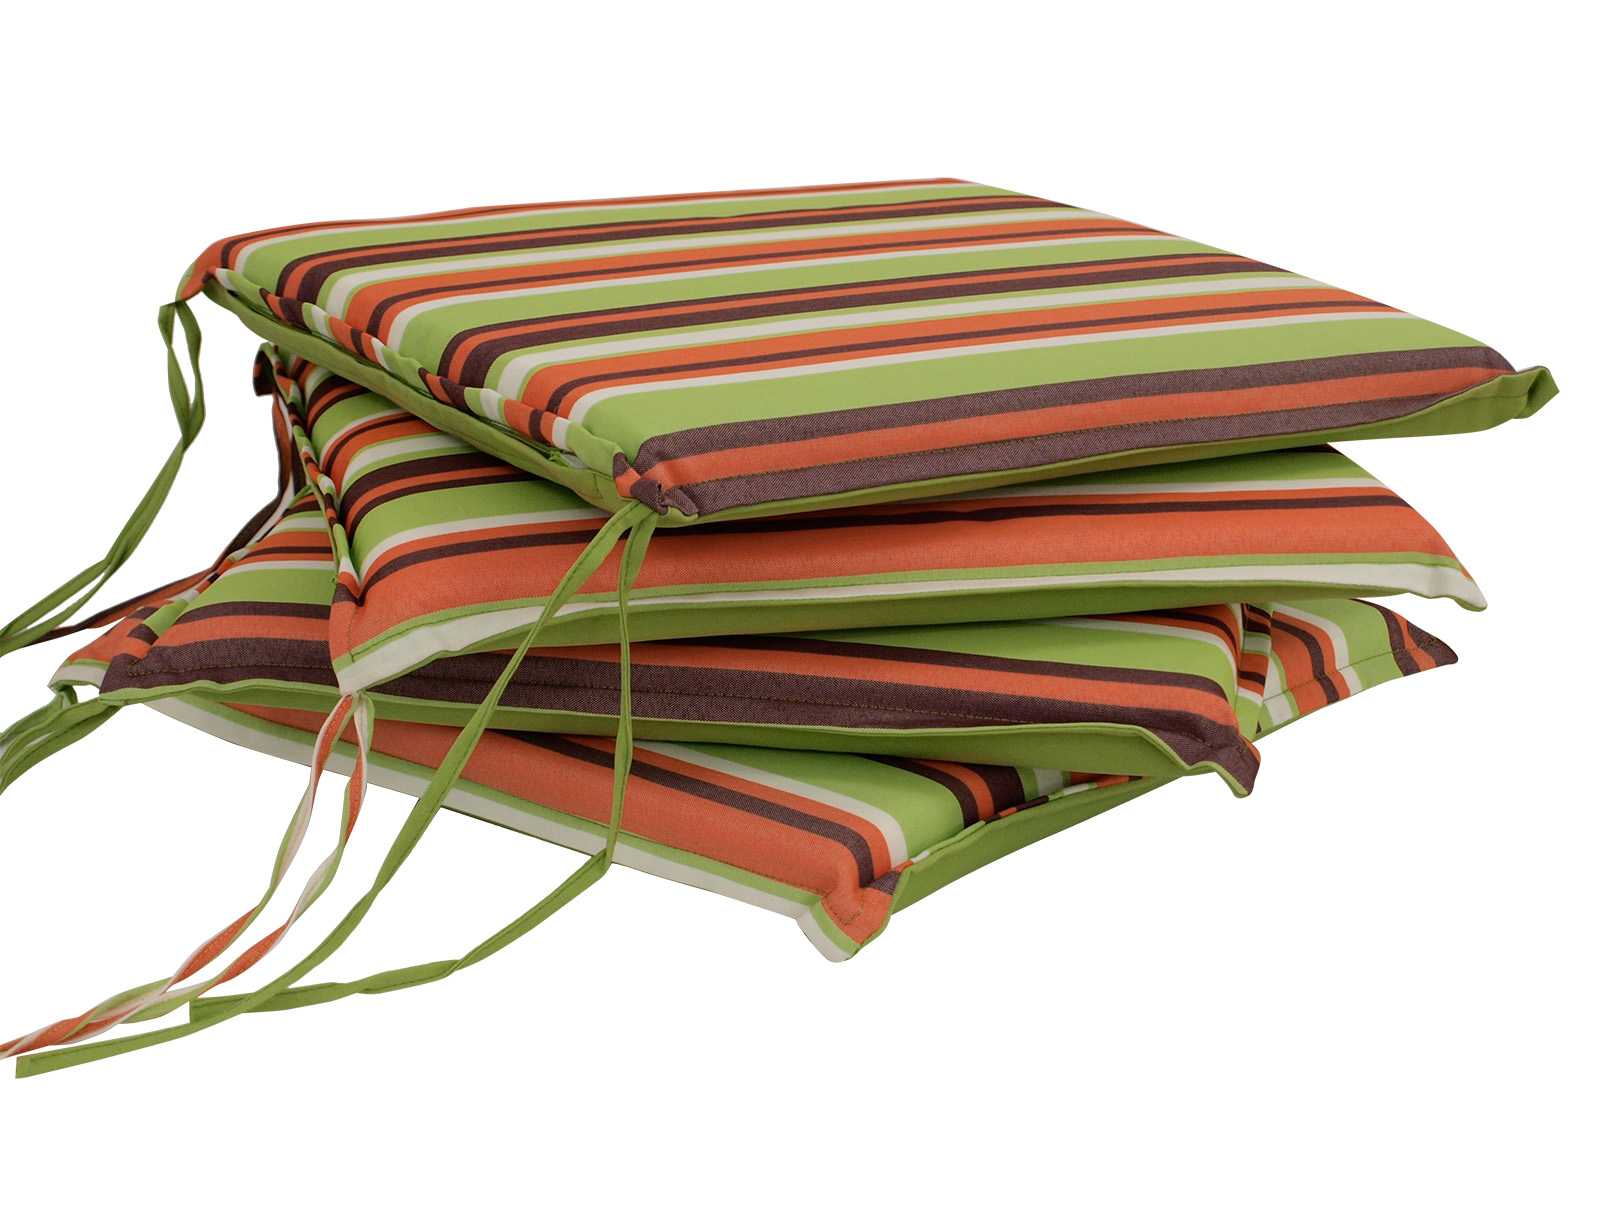 Sitzkissen MALLAWI, hellgrün gestreift, 4 Stück